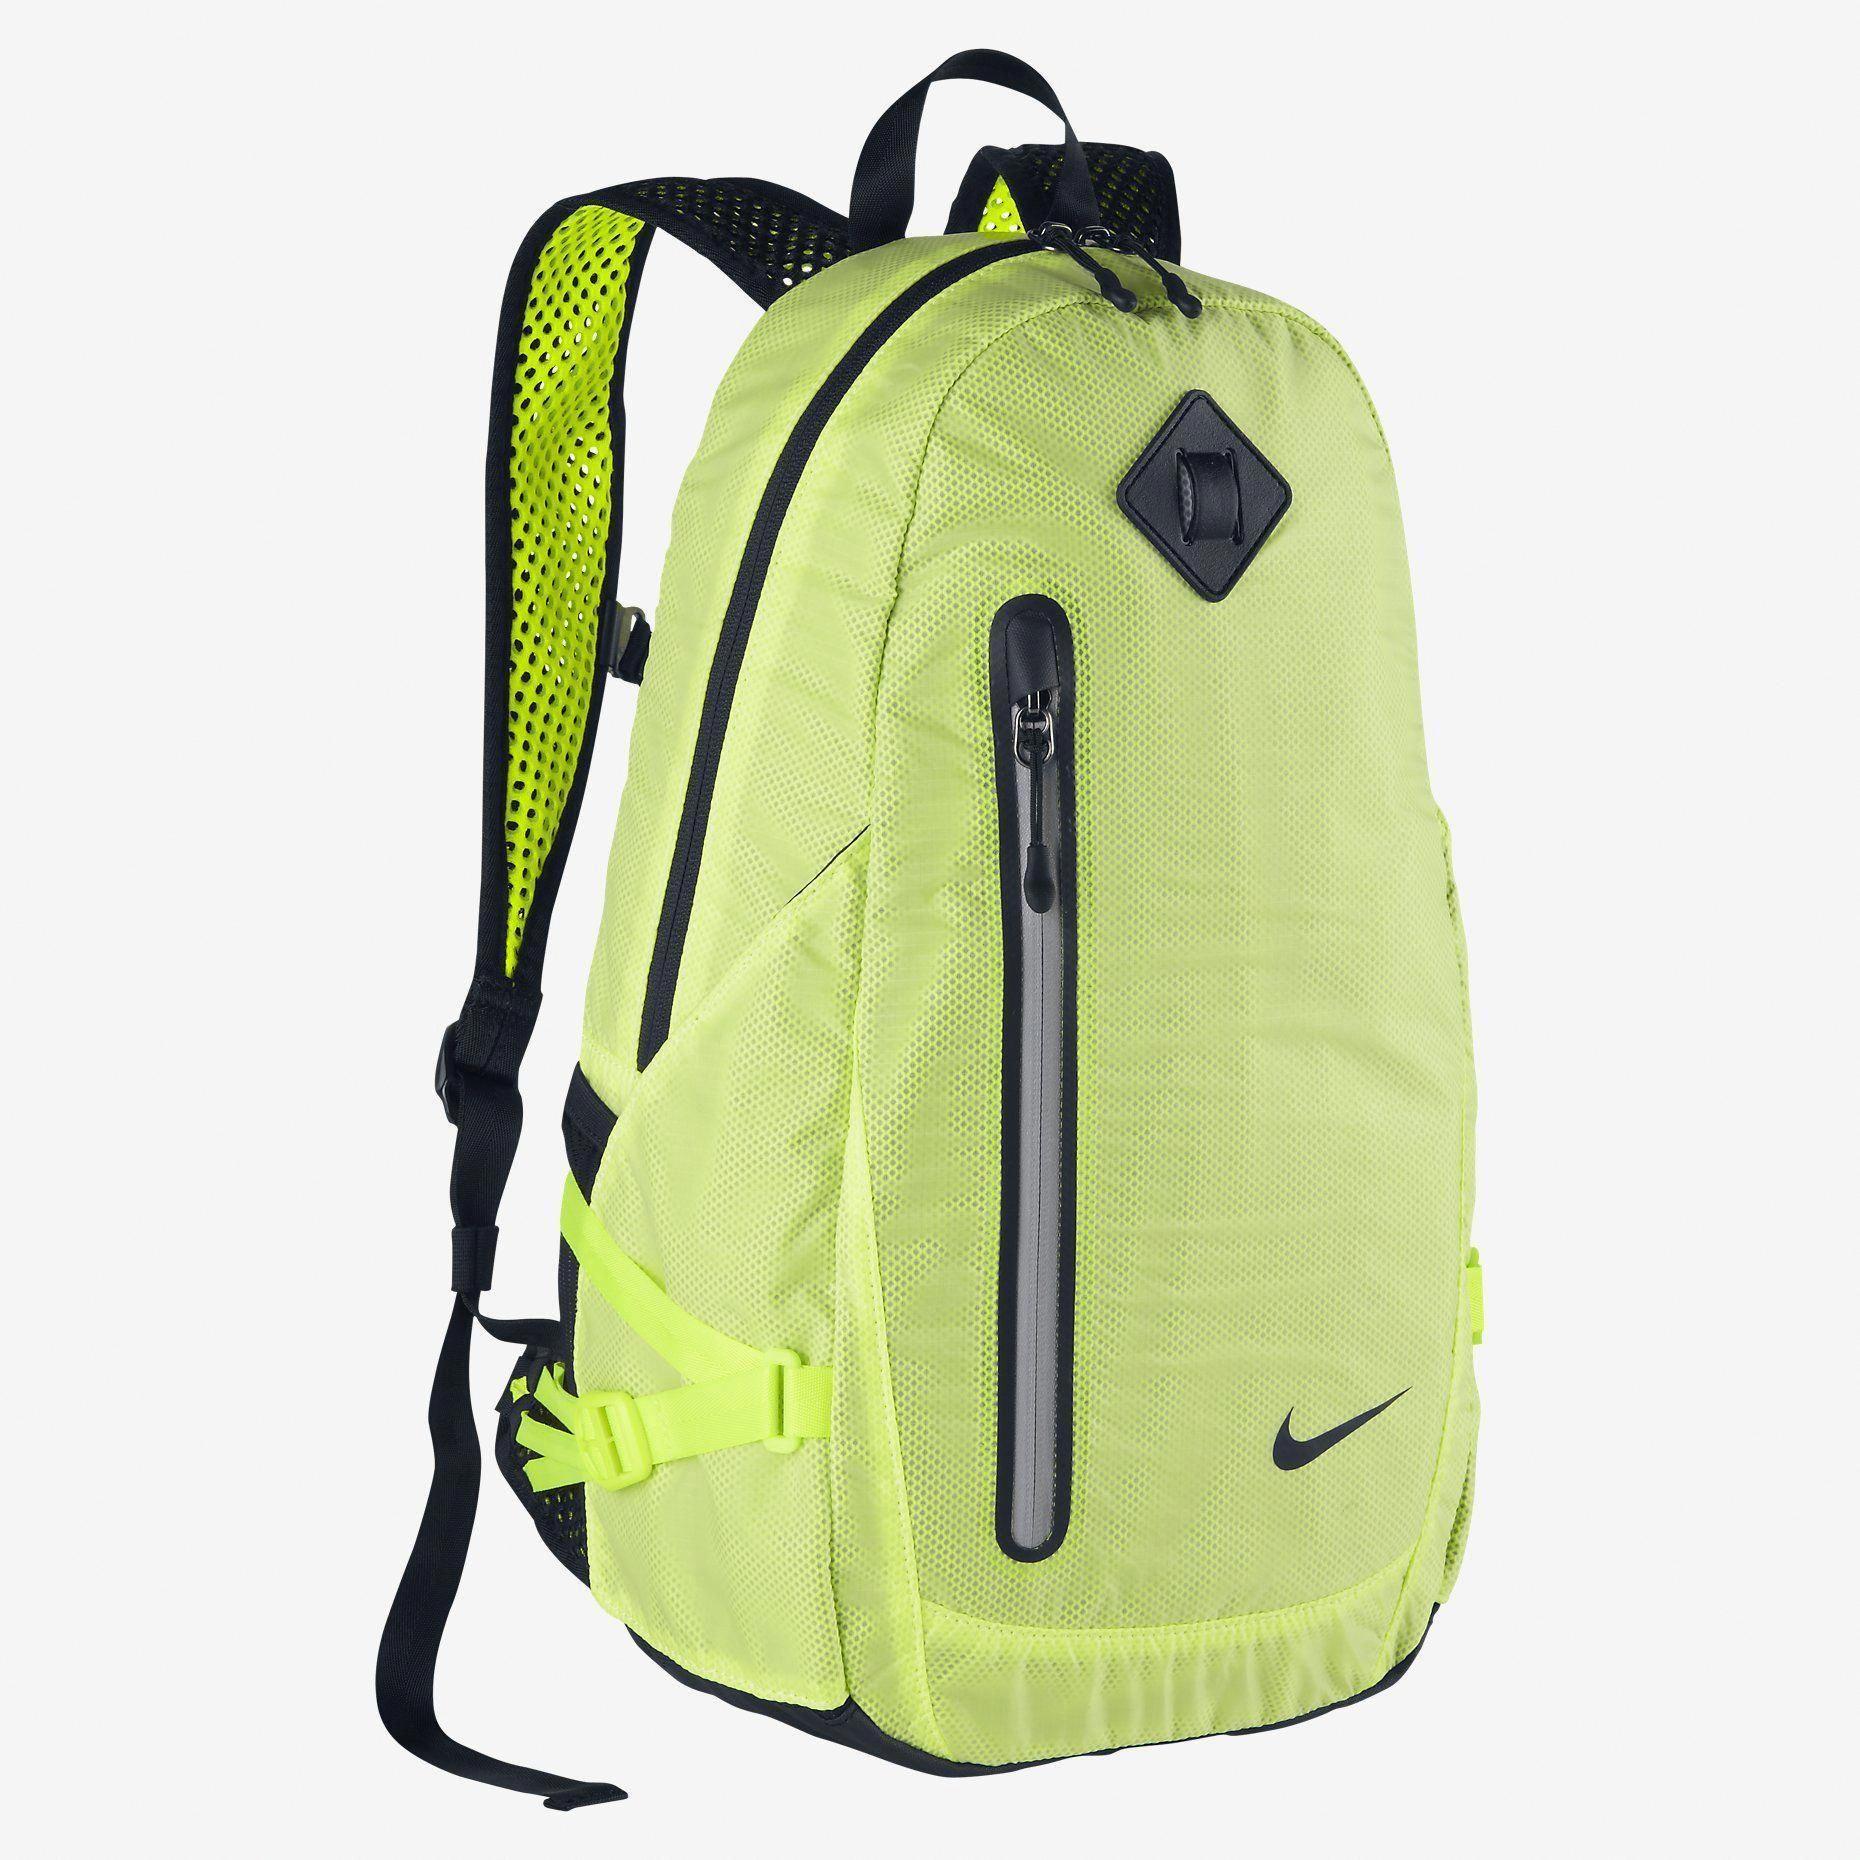 b024942b056d Nike Vapor Lite Running Backpack. Nike Store  vaporstore ...